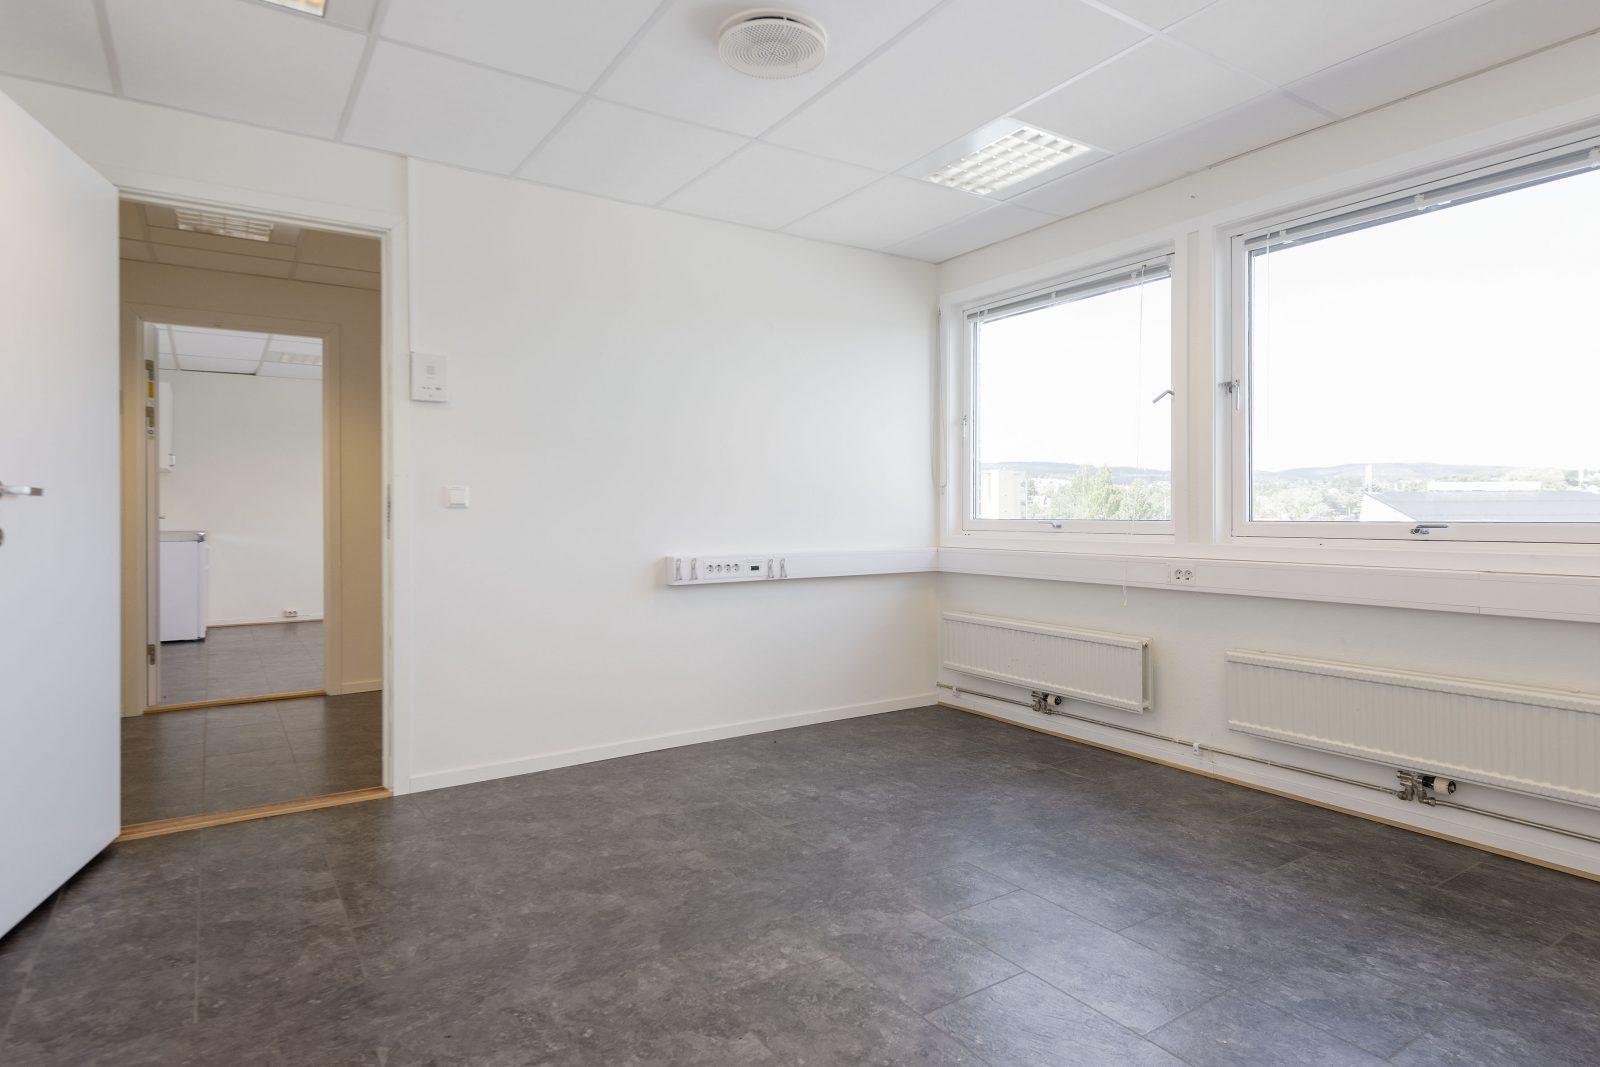 Enkeltstående kontor u/minikjøkken